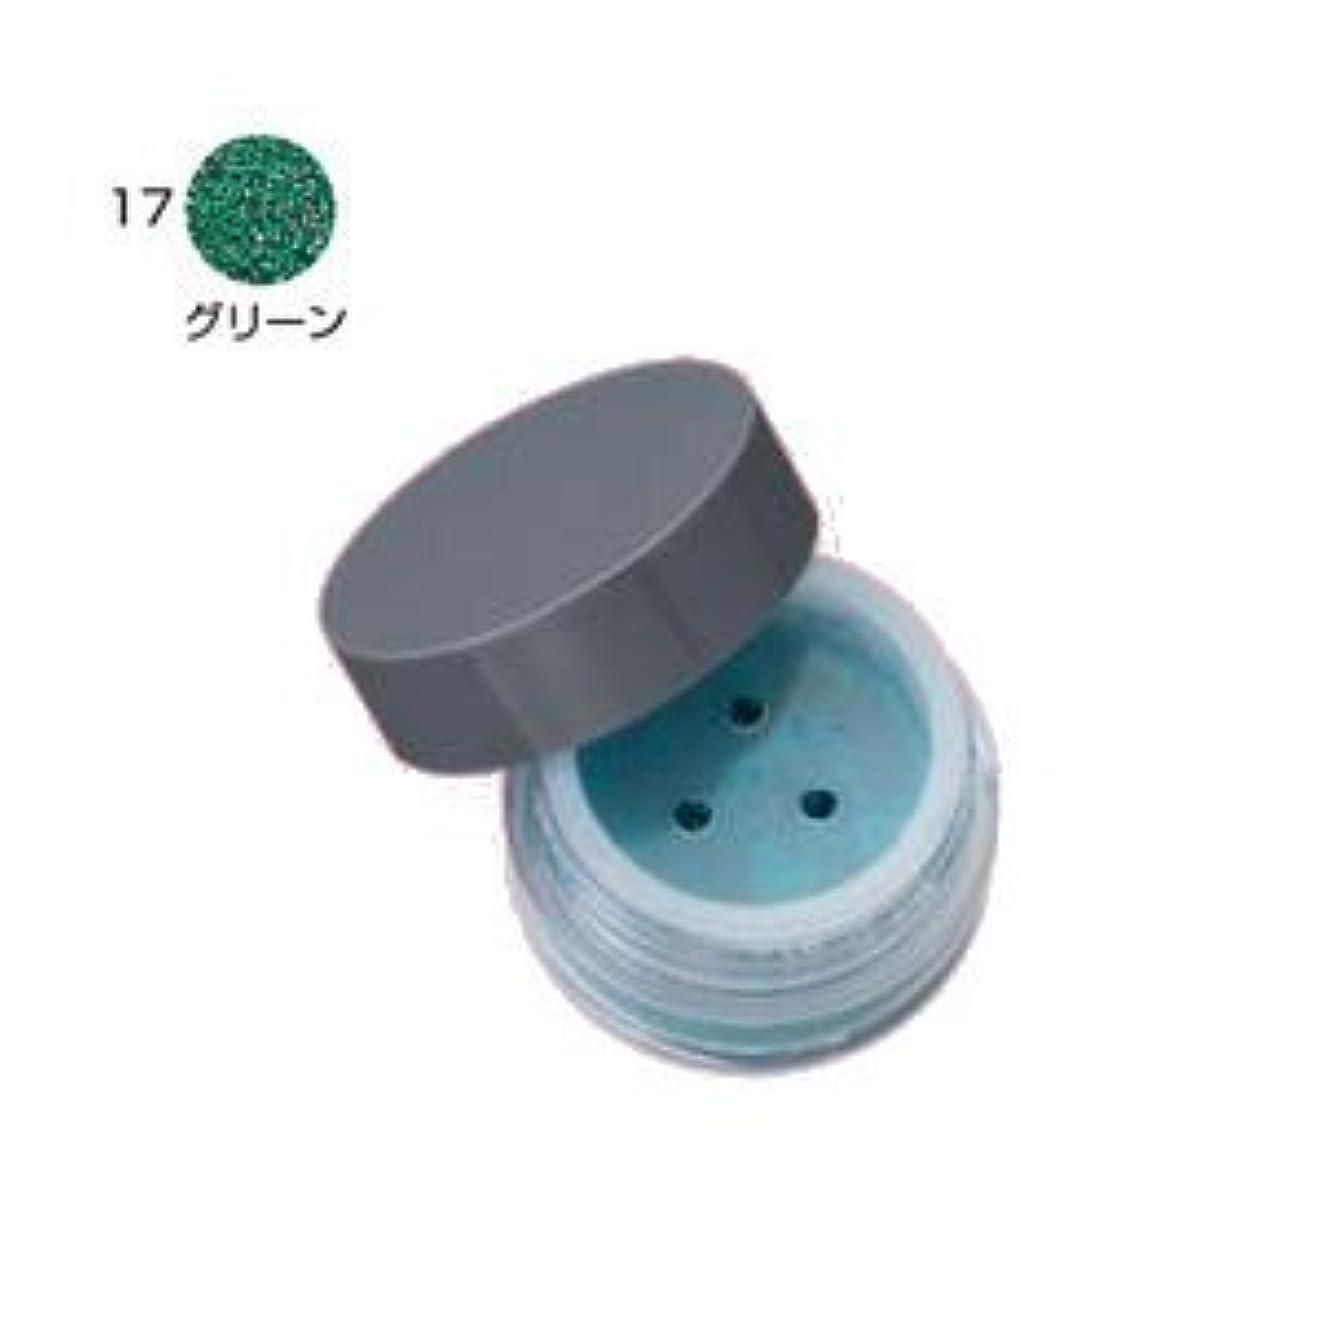 カウント秘密のどれか三善 ミツヨシ カラープリズム 17 グリーン